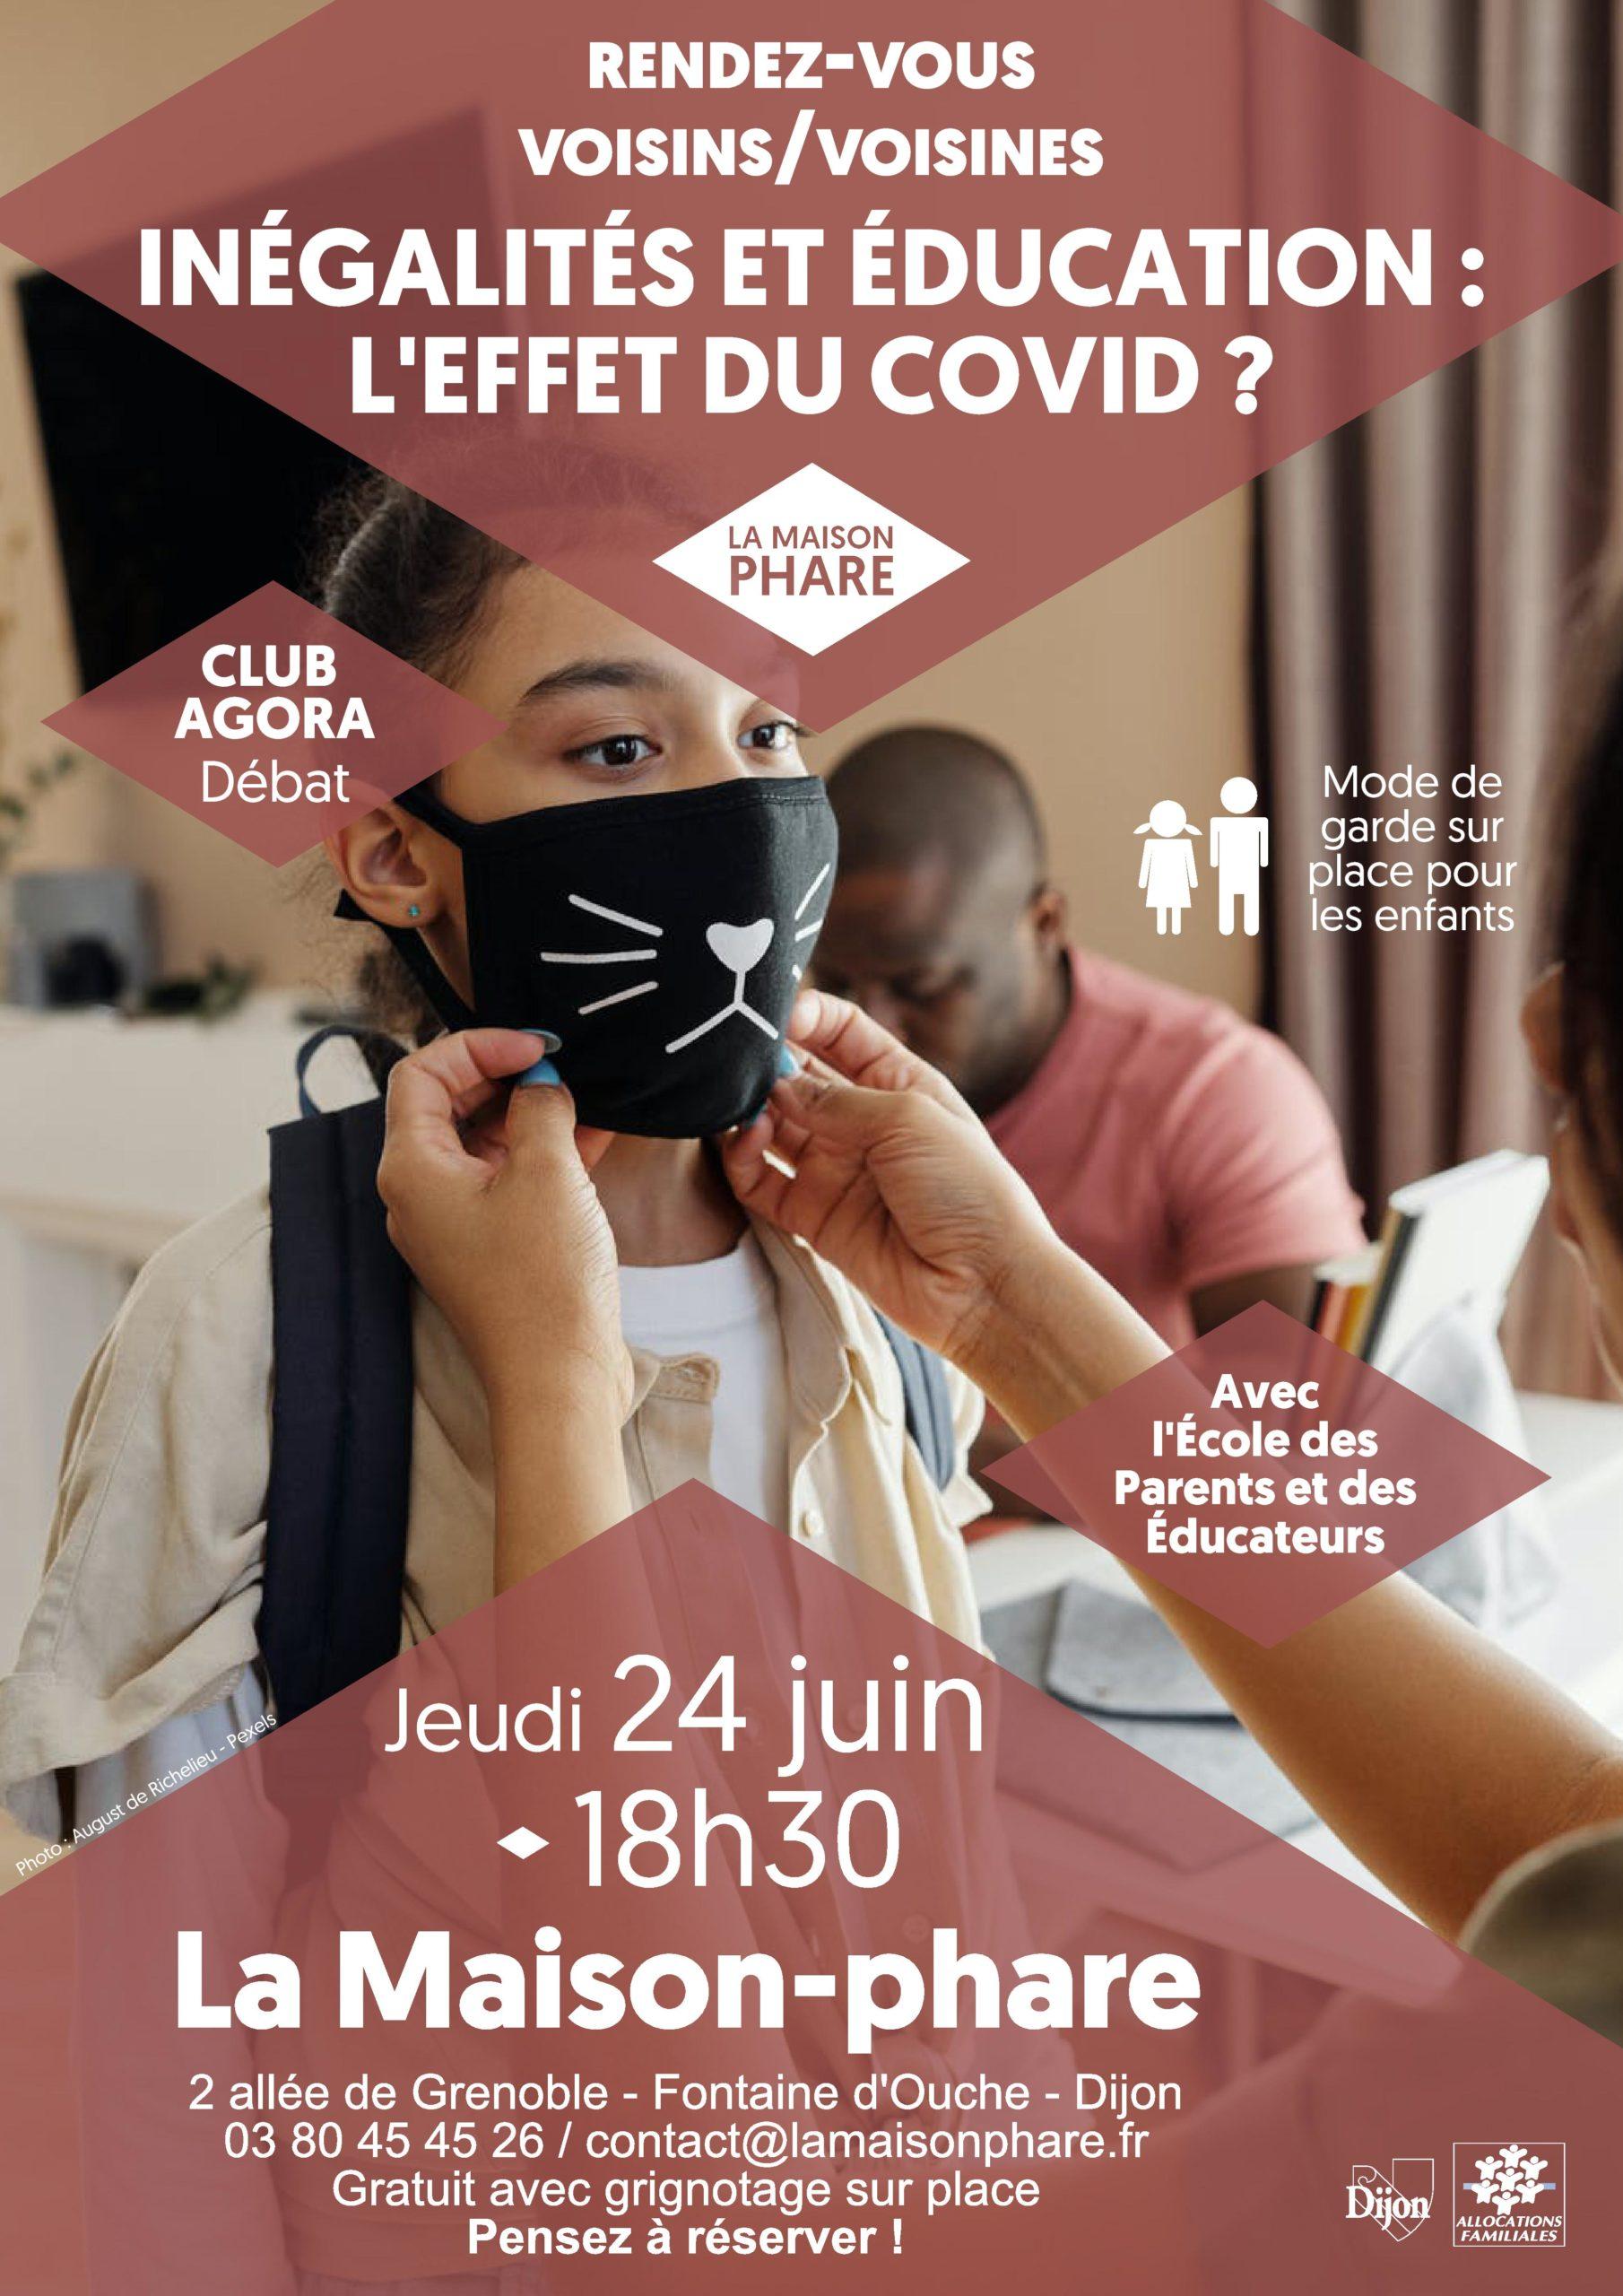 Rendez-vous Voisins-Voisines : inégalités et éducation, l'effet du COVID ?